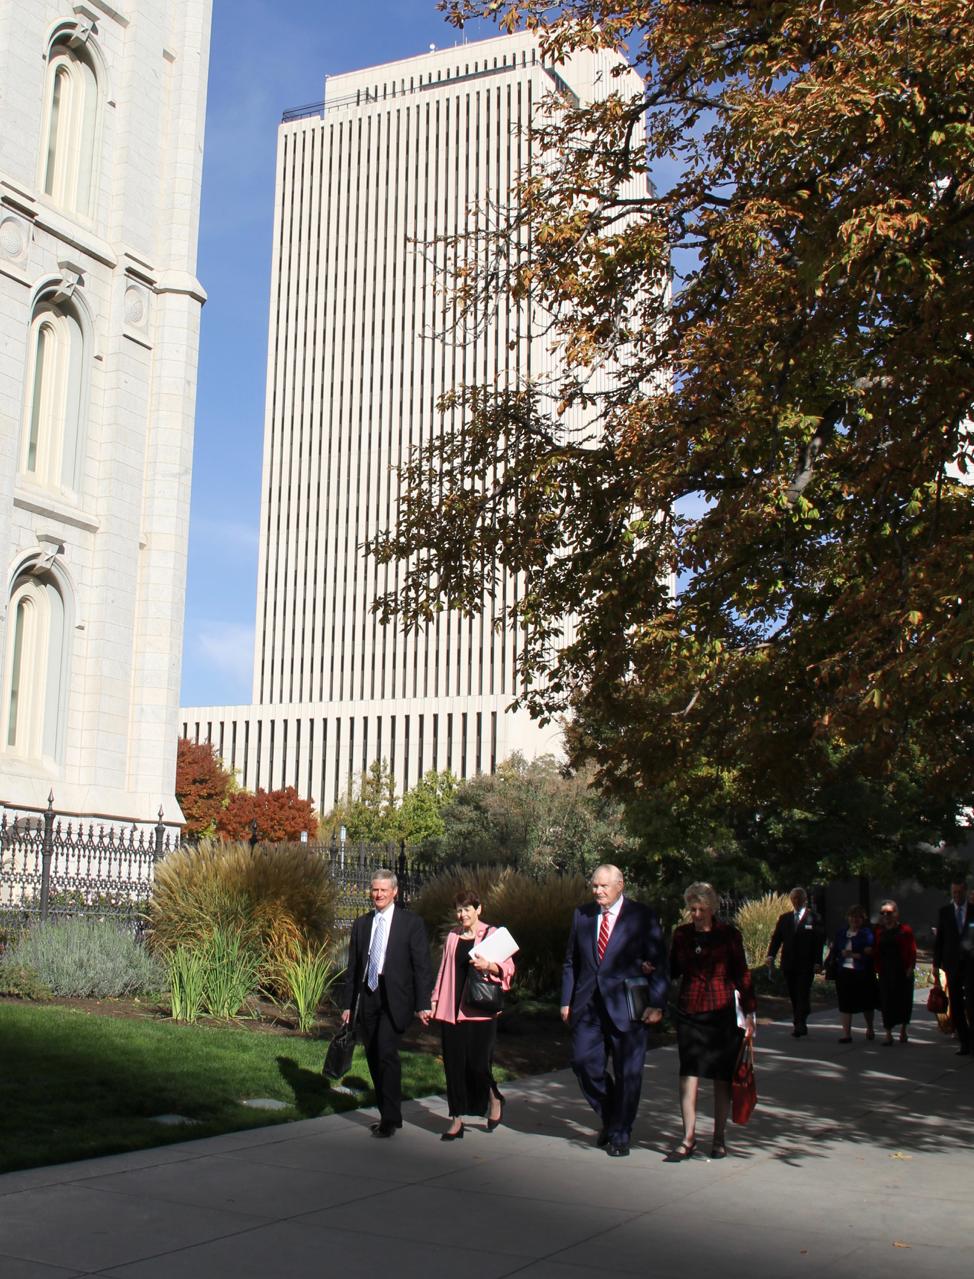 Desde la izquierda, el élder David A. Bednar, la hermana Susan Bednar, el élder Dale G. Renlund y la hermana Ruth Renlund caminan por la Manzana del Templo, guiando a un grupo de 63 parejas de presidentes y directoras de templo llamados recientemente, que asistieron al Seminario de Liderazgo del Templo de 2019, desde el 15 al 17 de octubre, en Salt Lake City, Utah.